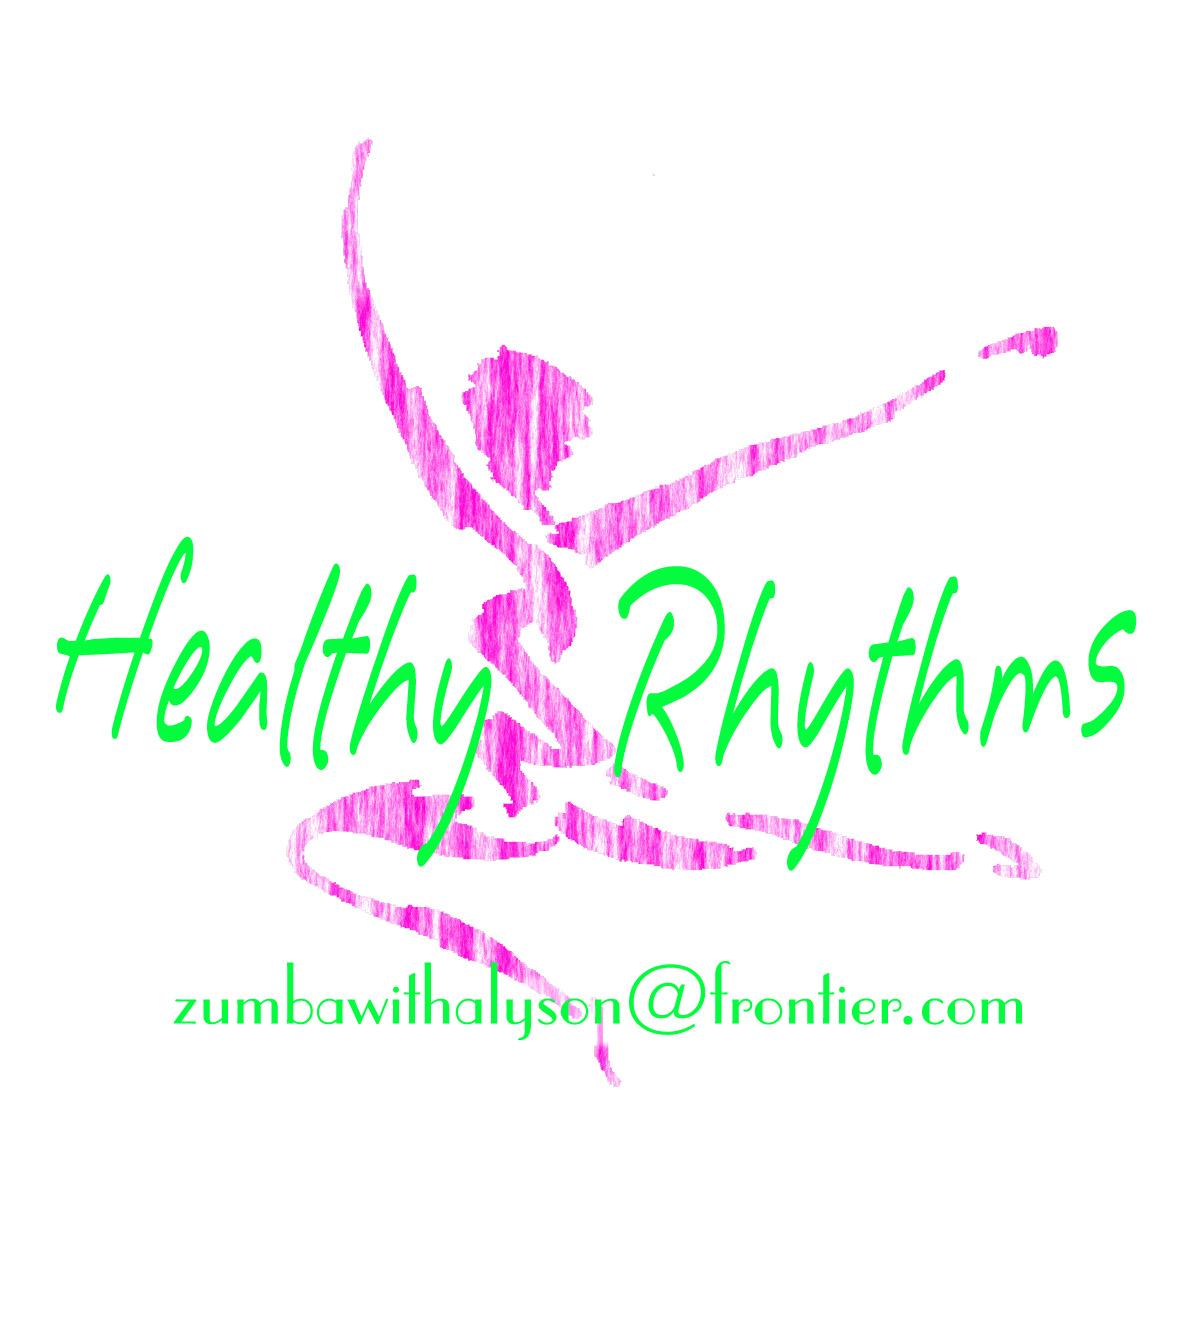 Healthy Rhythms New Logo May 2013 light.jpg